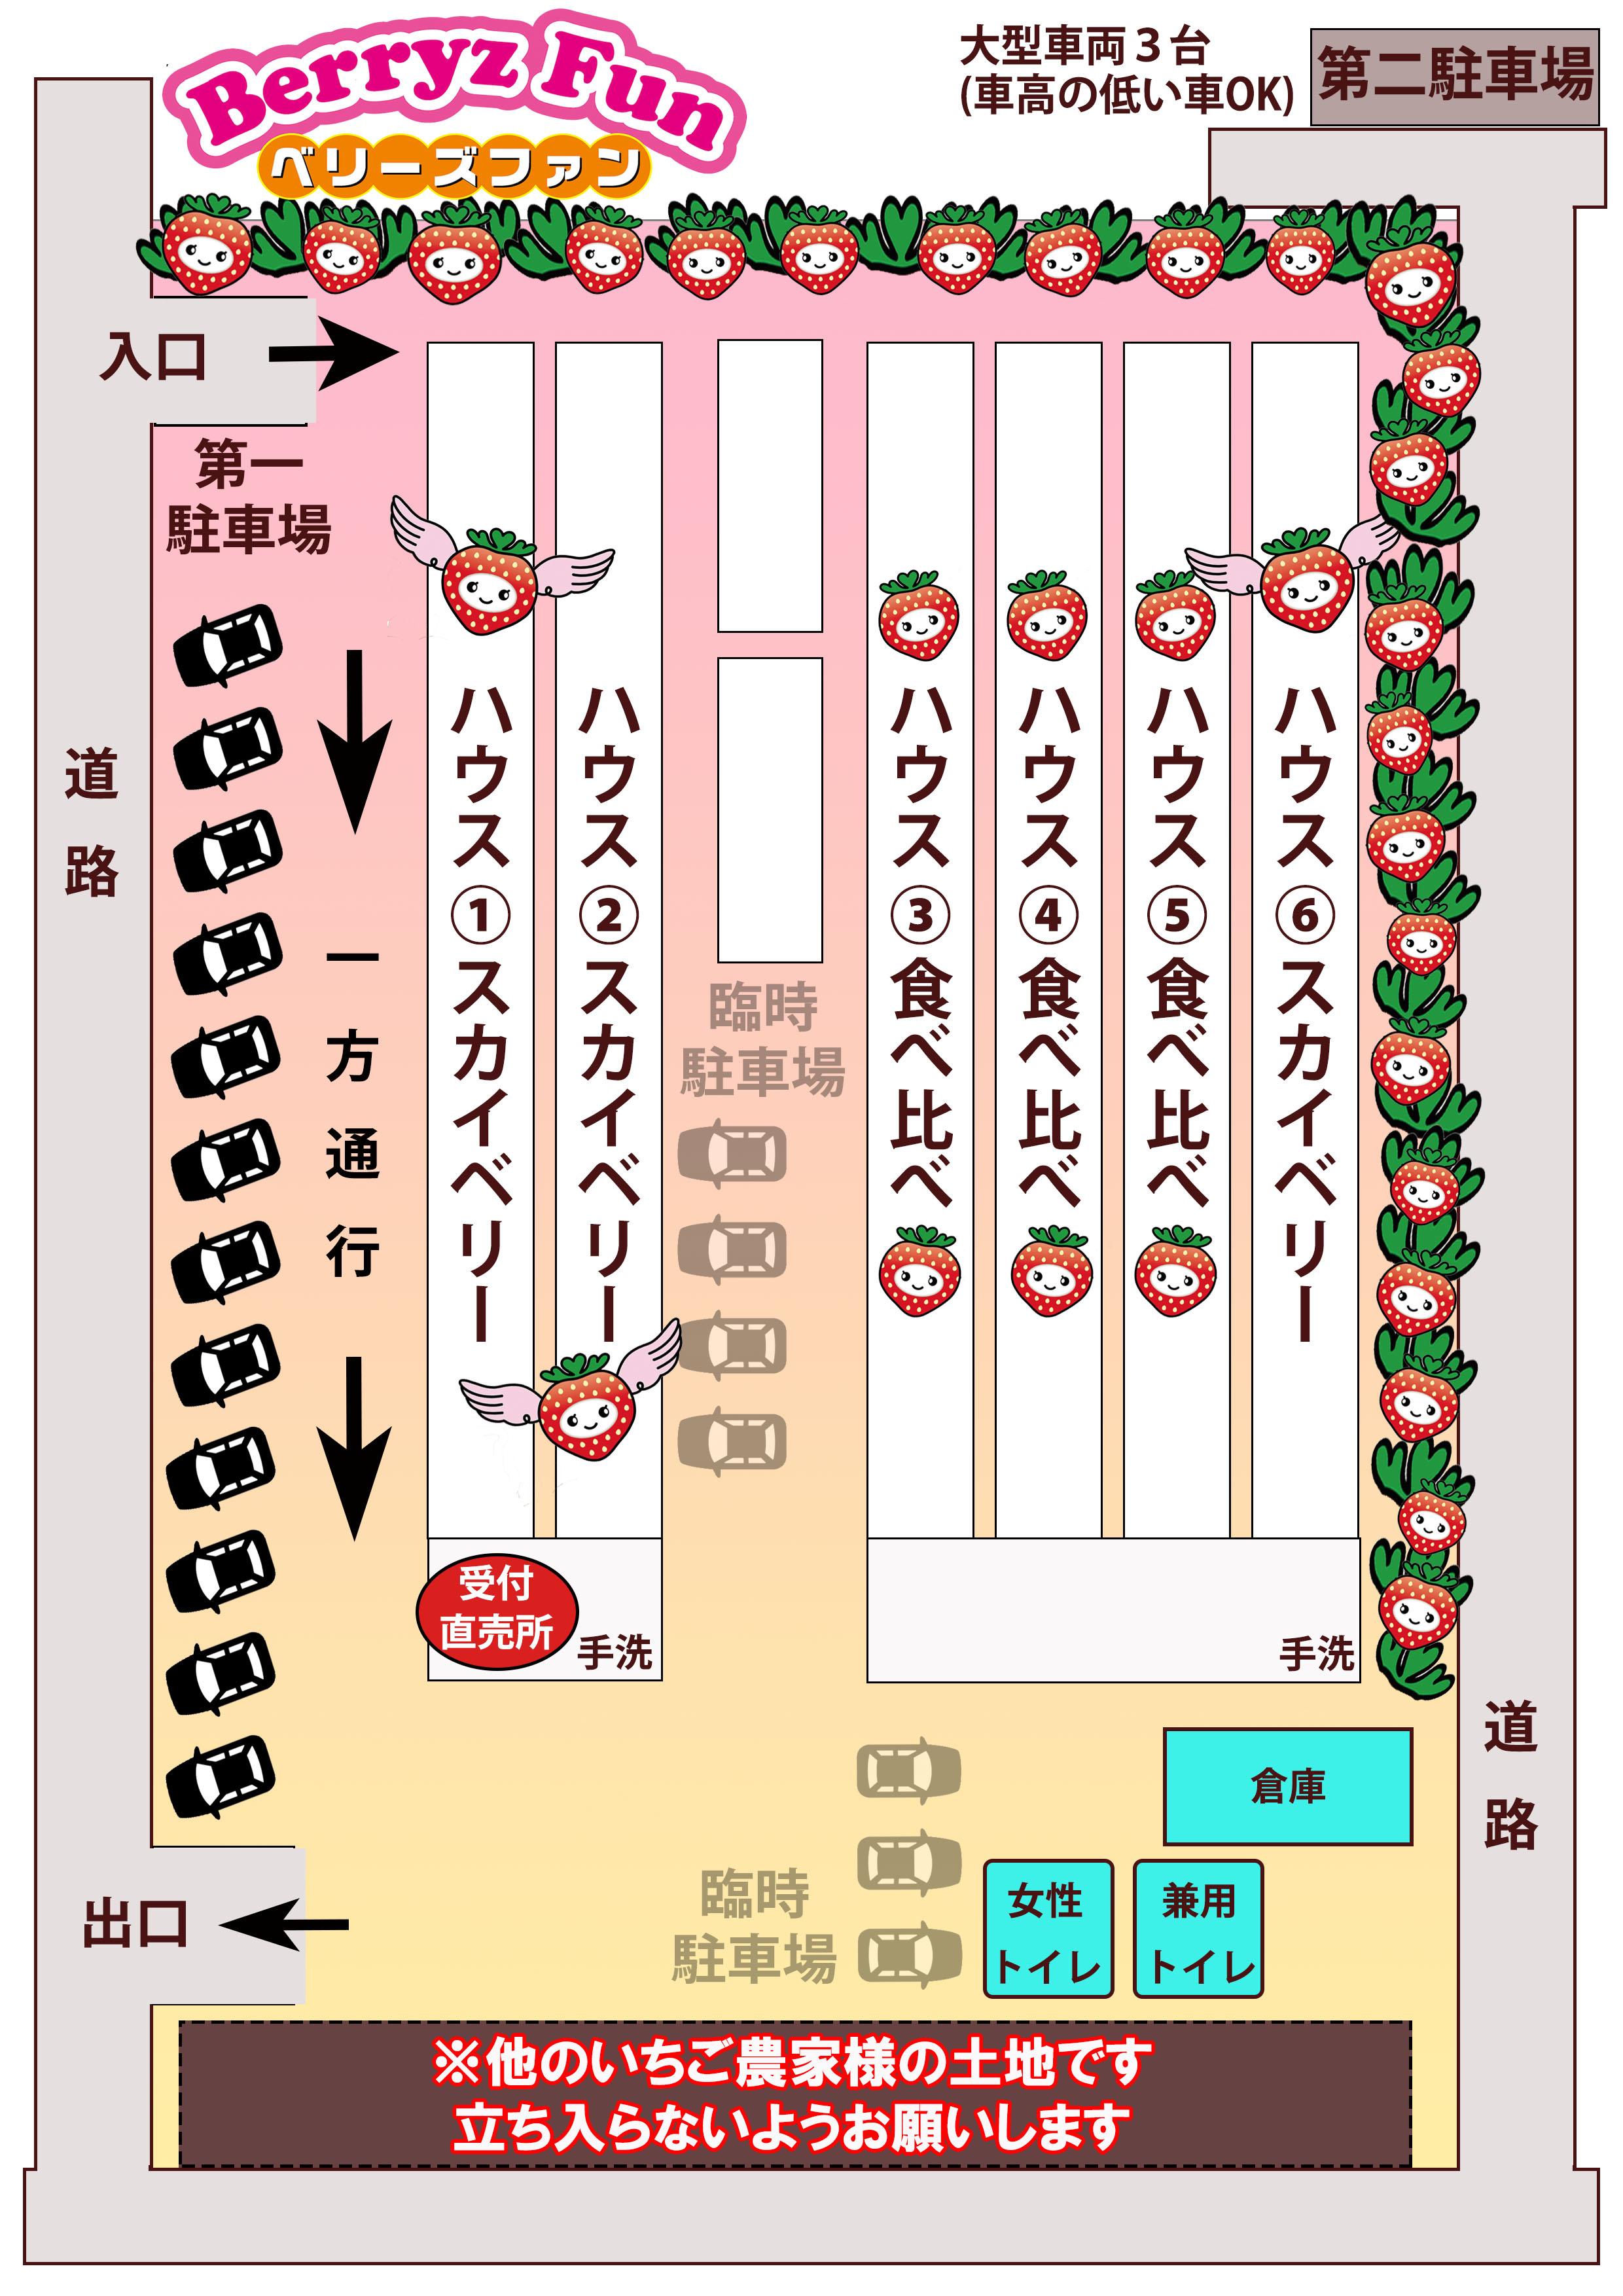 いちご園マップ